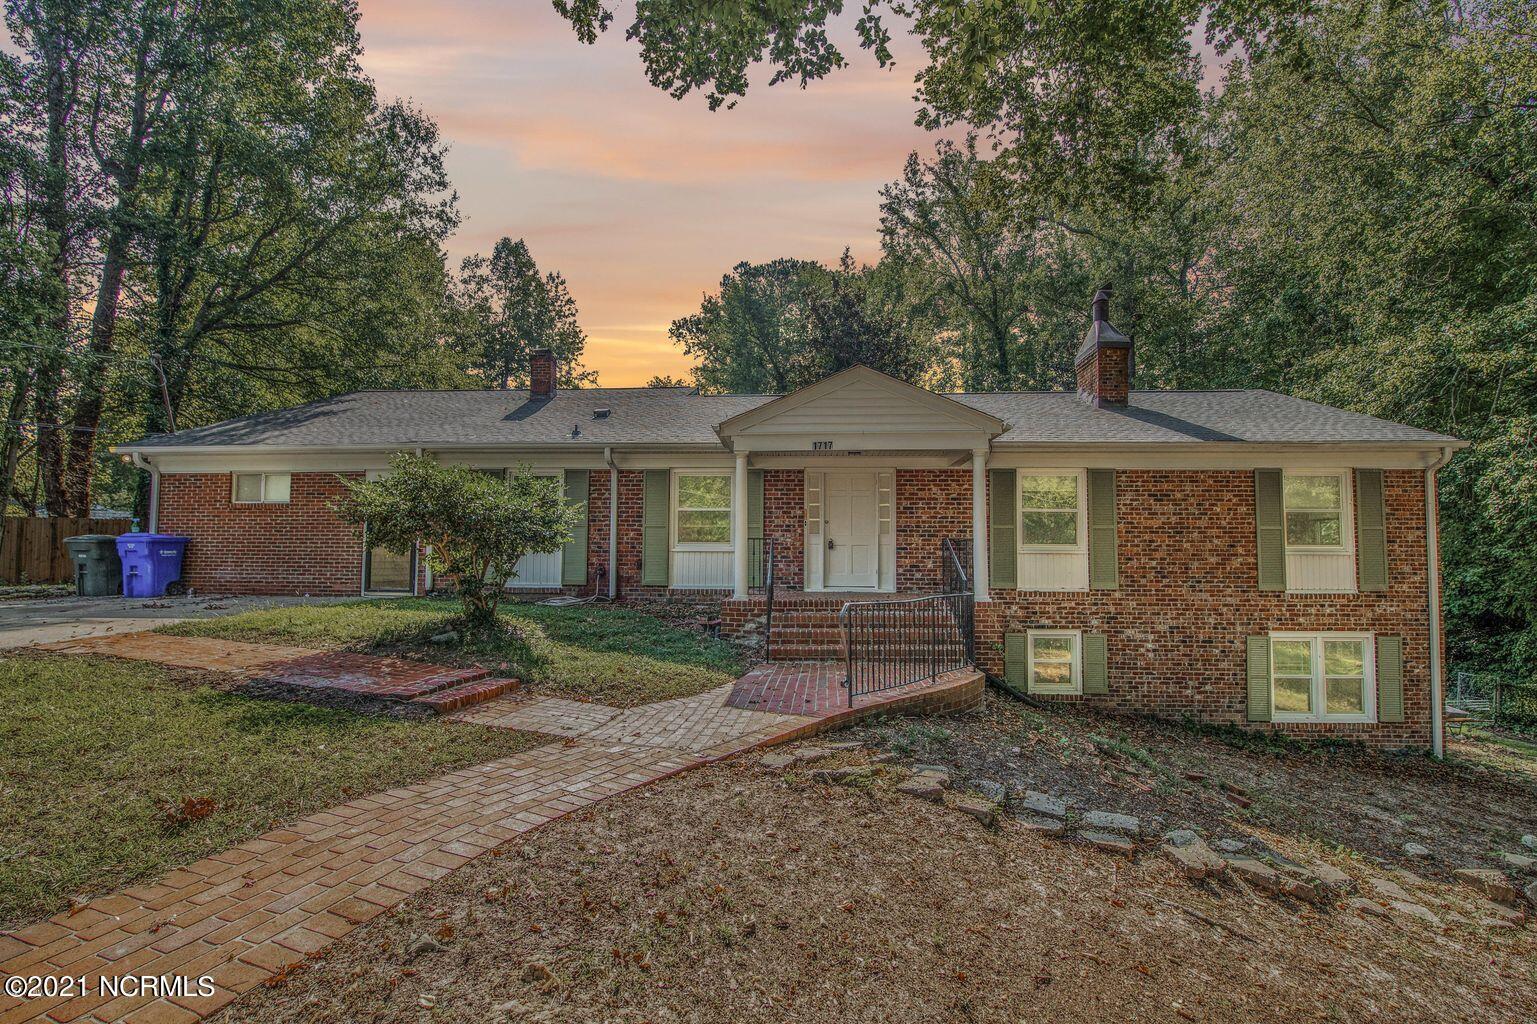 1717 Morningside Circle, Greenville, North Carolina 27858, 4 Bedrooms Bedrooms, 12 Rooms Rooms,4 BathroomsBathrooms,Single family residence,For sale,Morningside,100277285